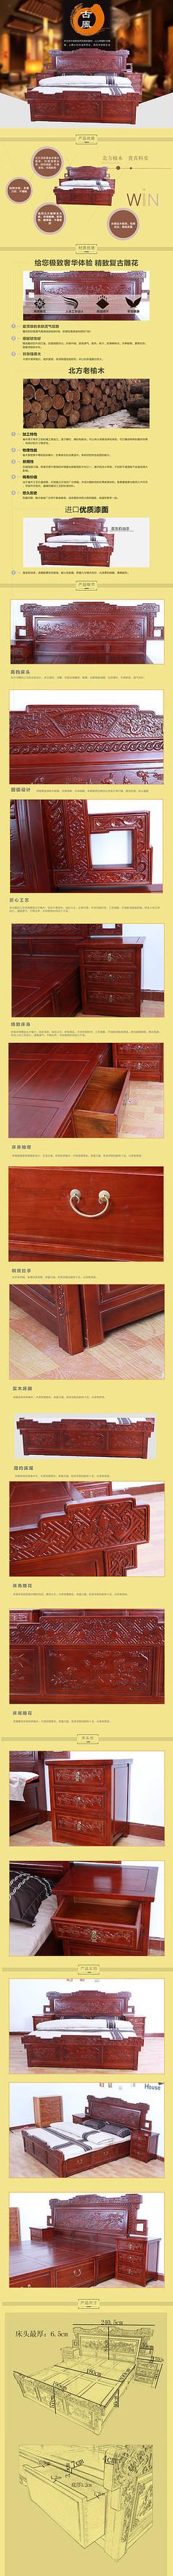 文案豐富的中國風家具淘寶詳情PSD分層